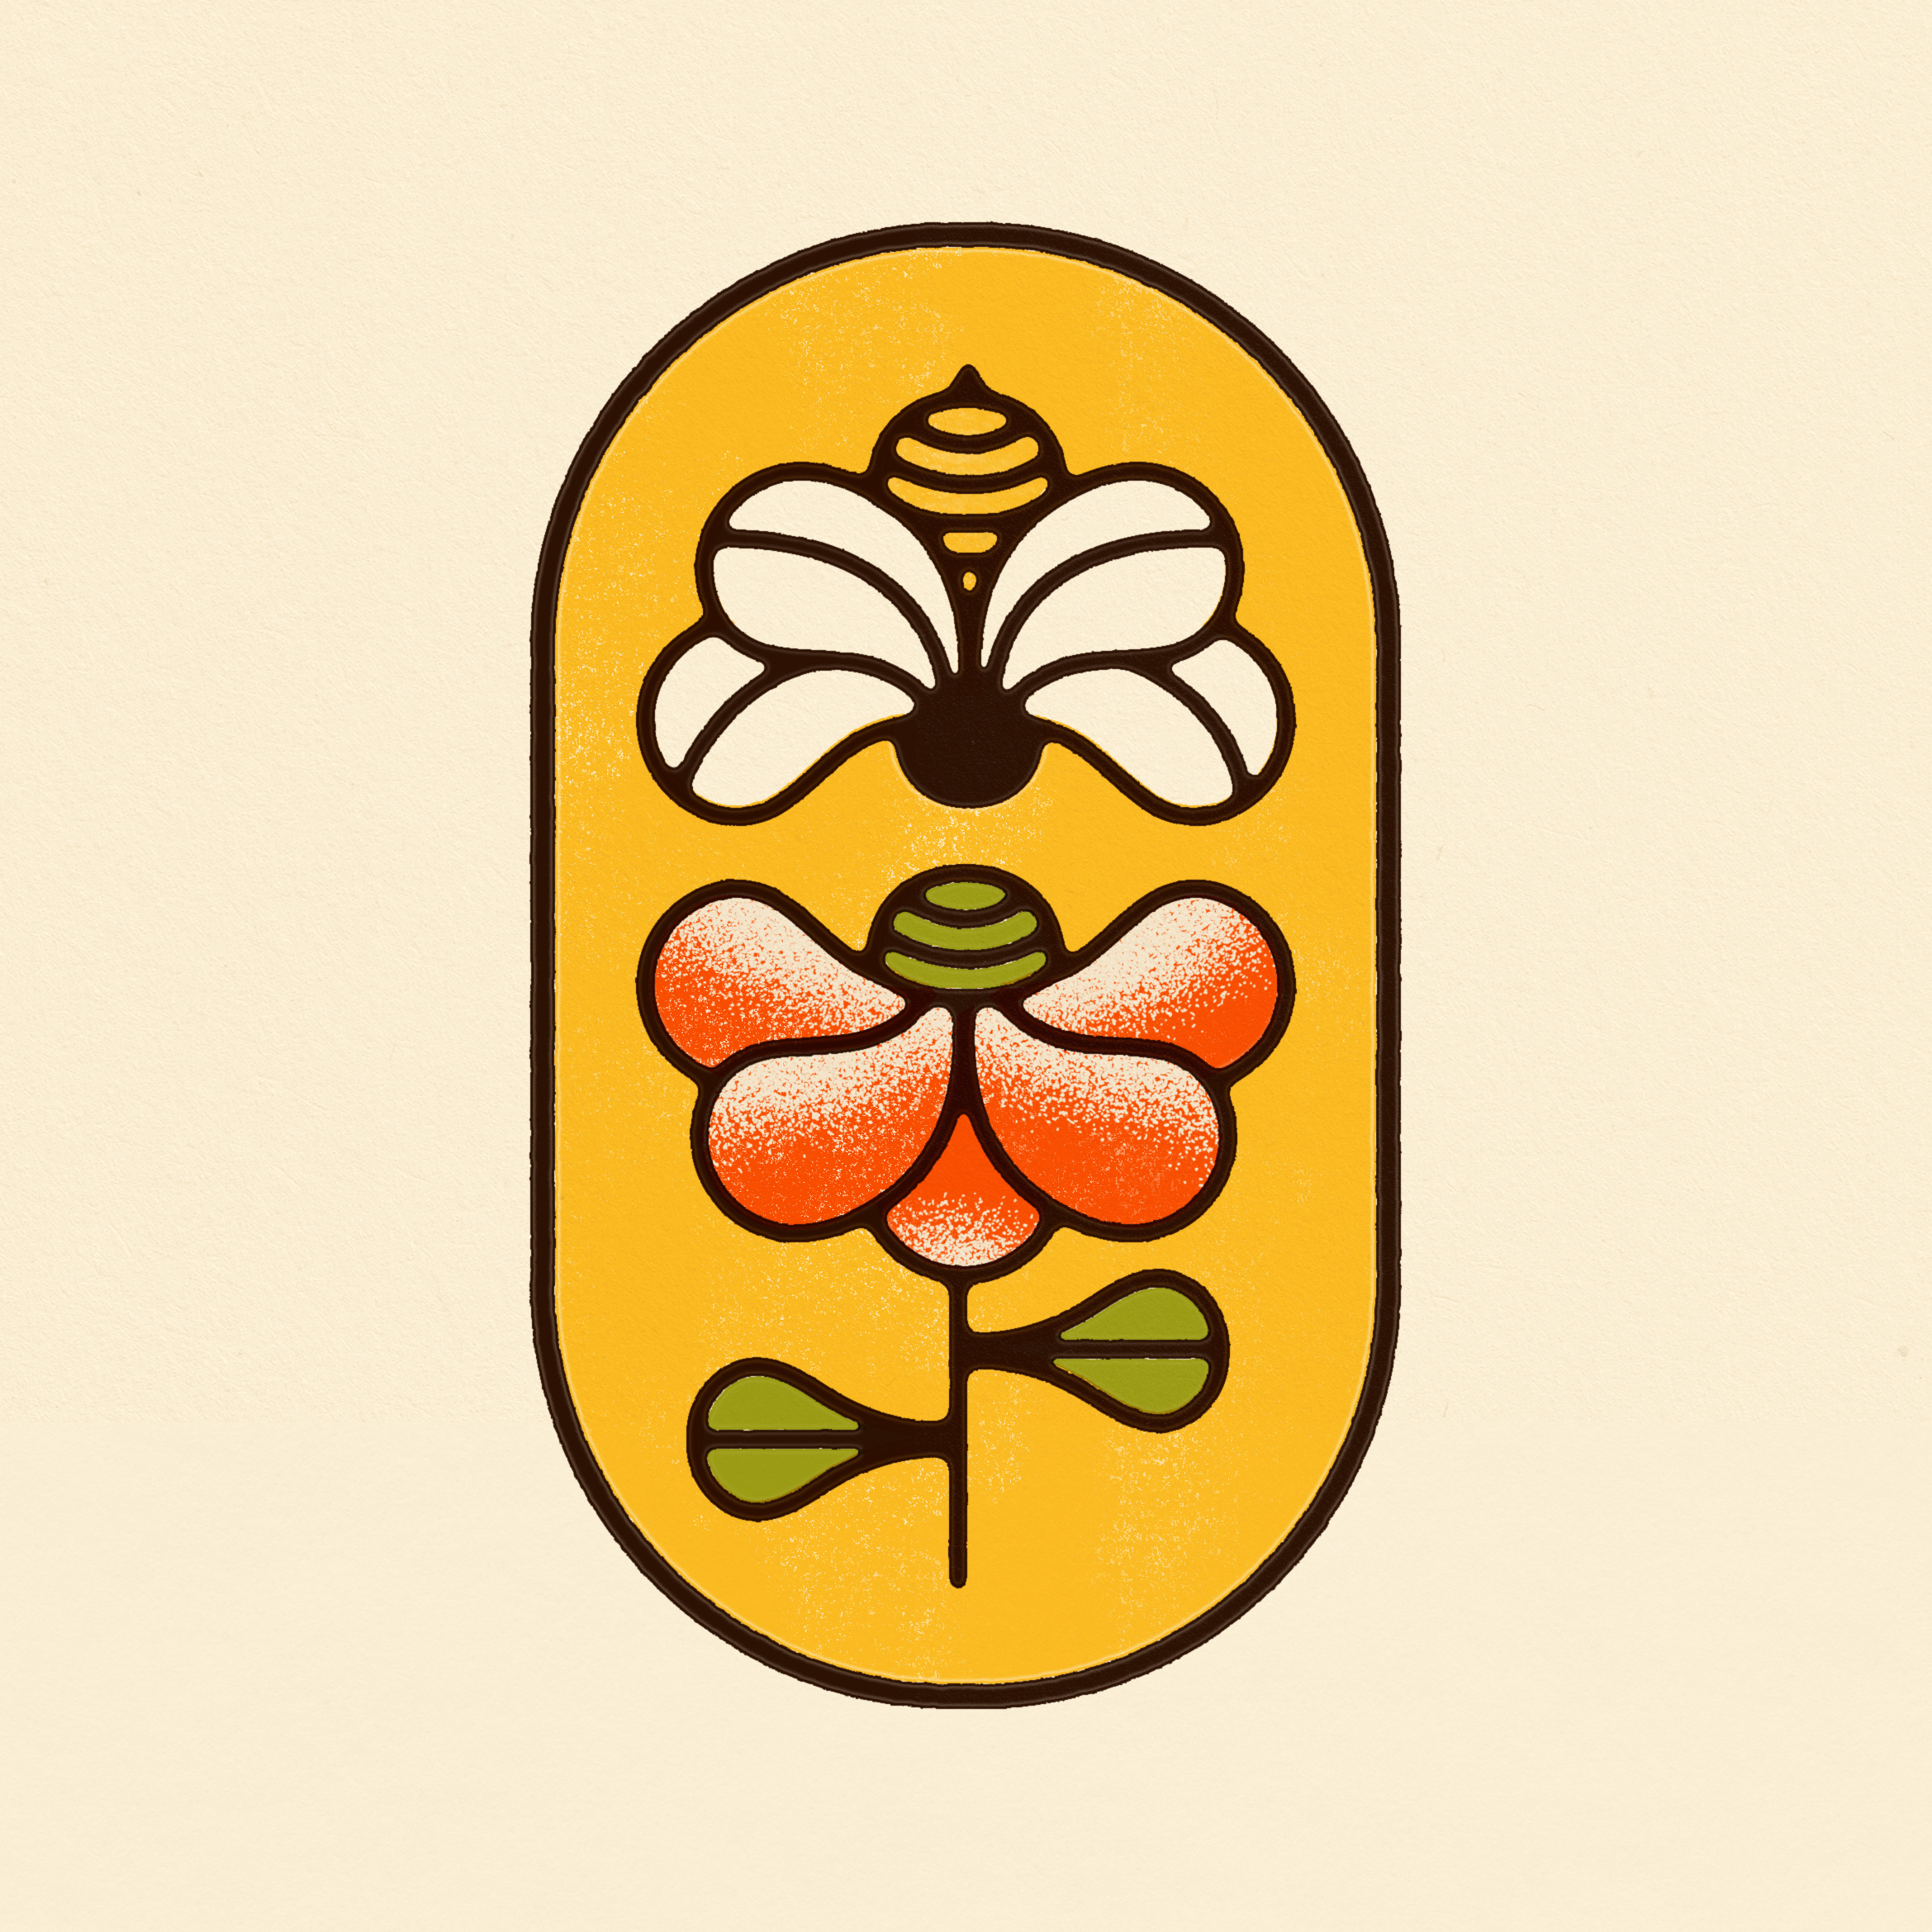 FlowerPower_Texture_BeeFlower_v3_LessTexture